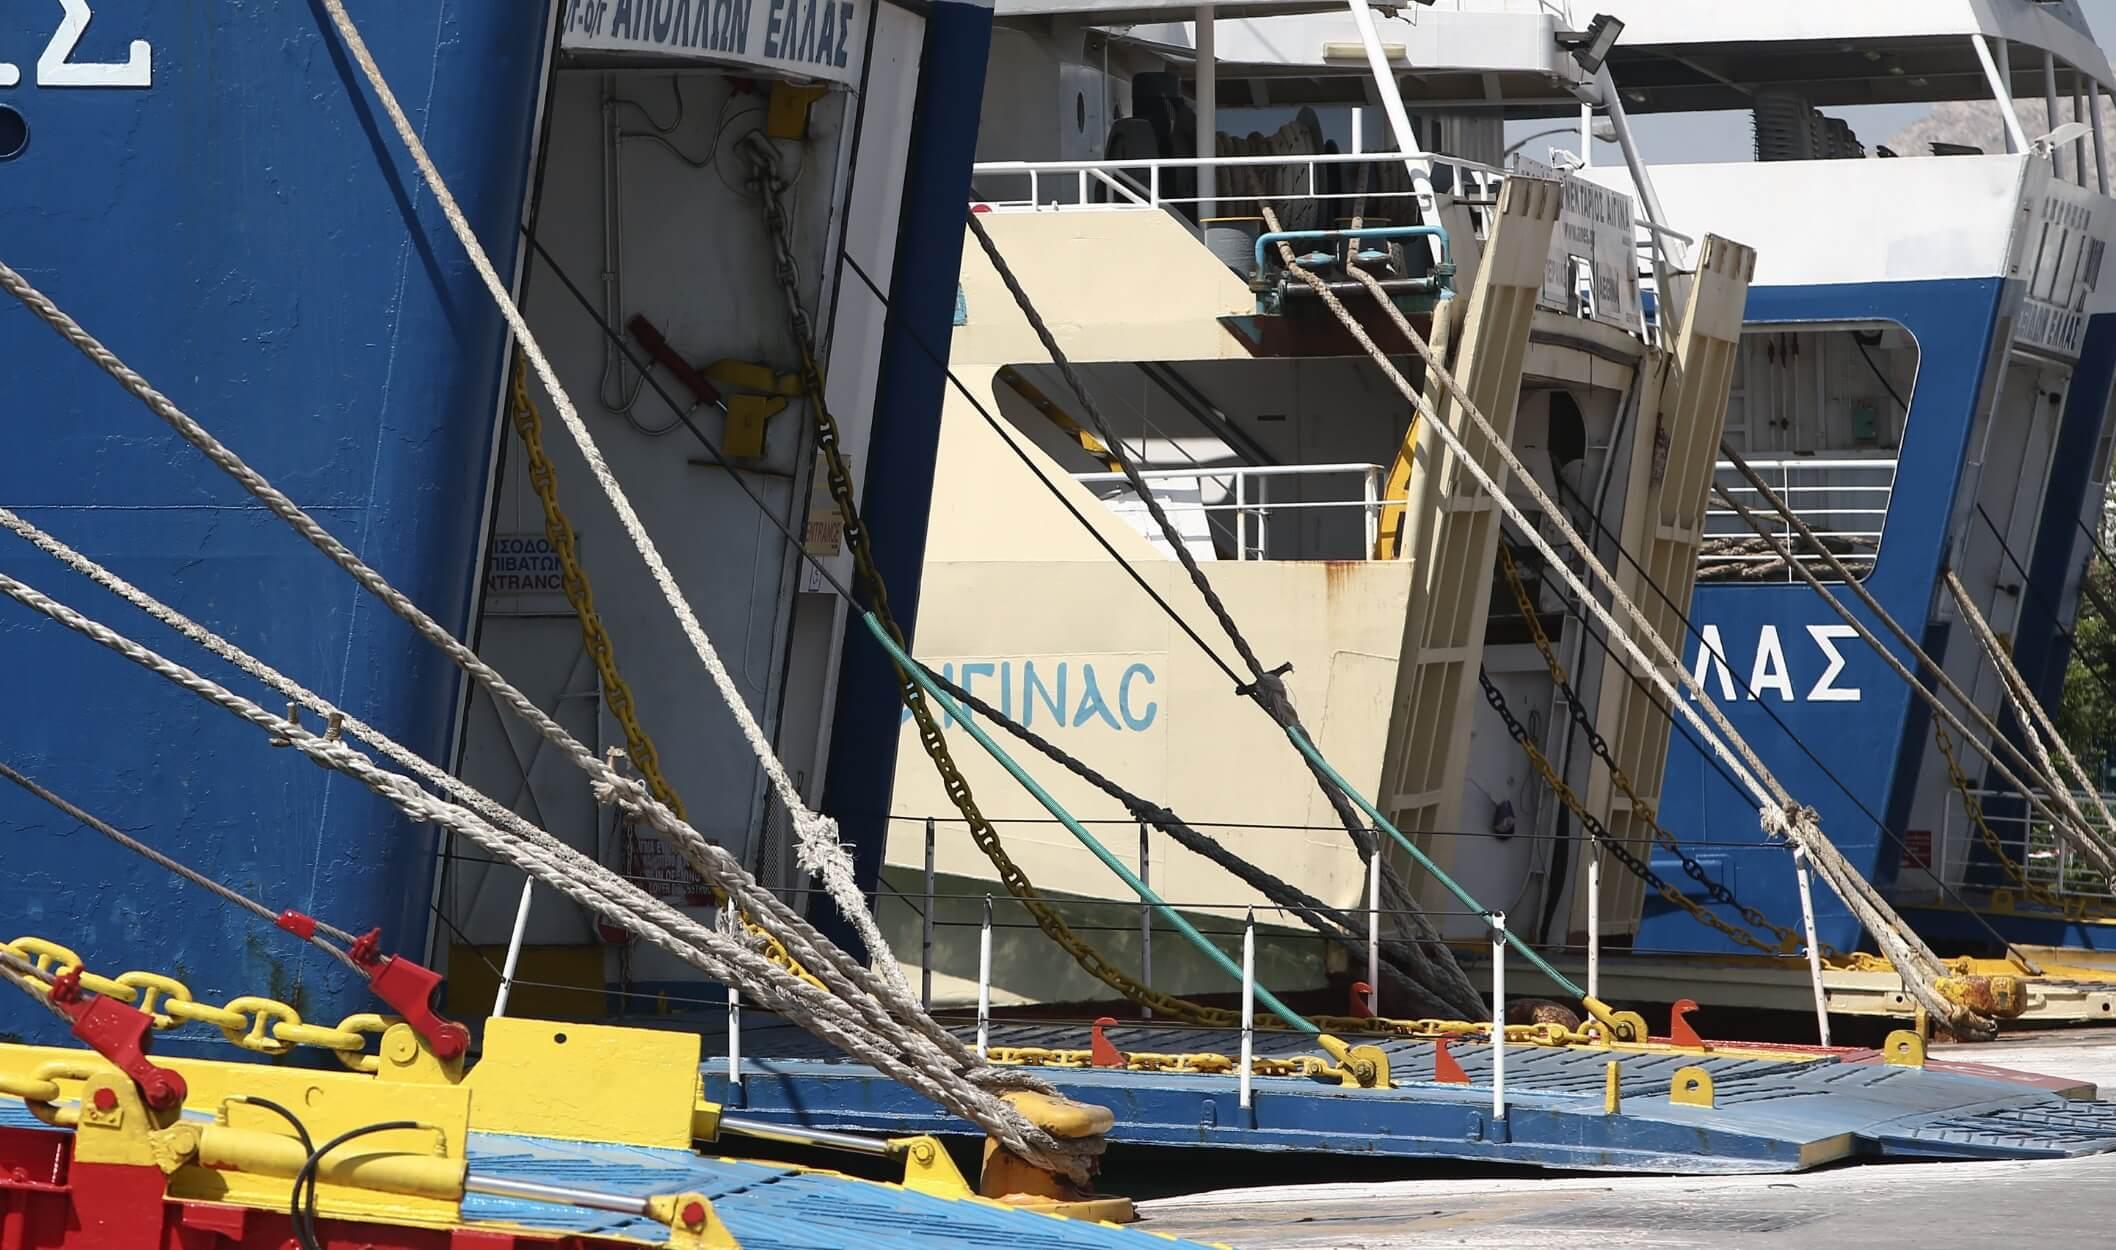 Επίδομα 800 ευρώ: Άνοιξε η πλατφόρμα για την καταβολή του ποσού στους ναυτικούς